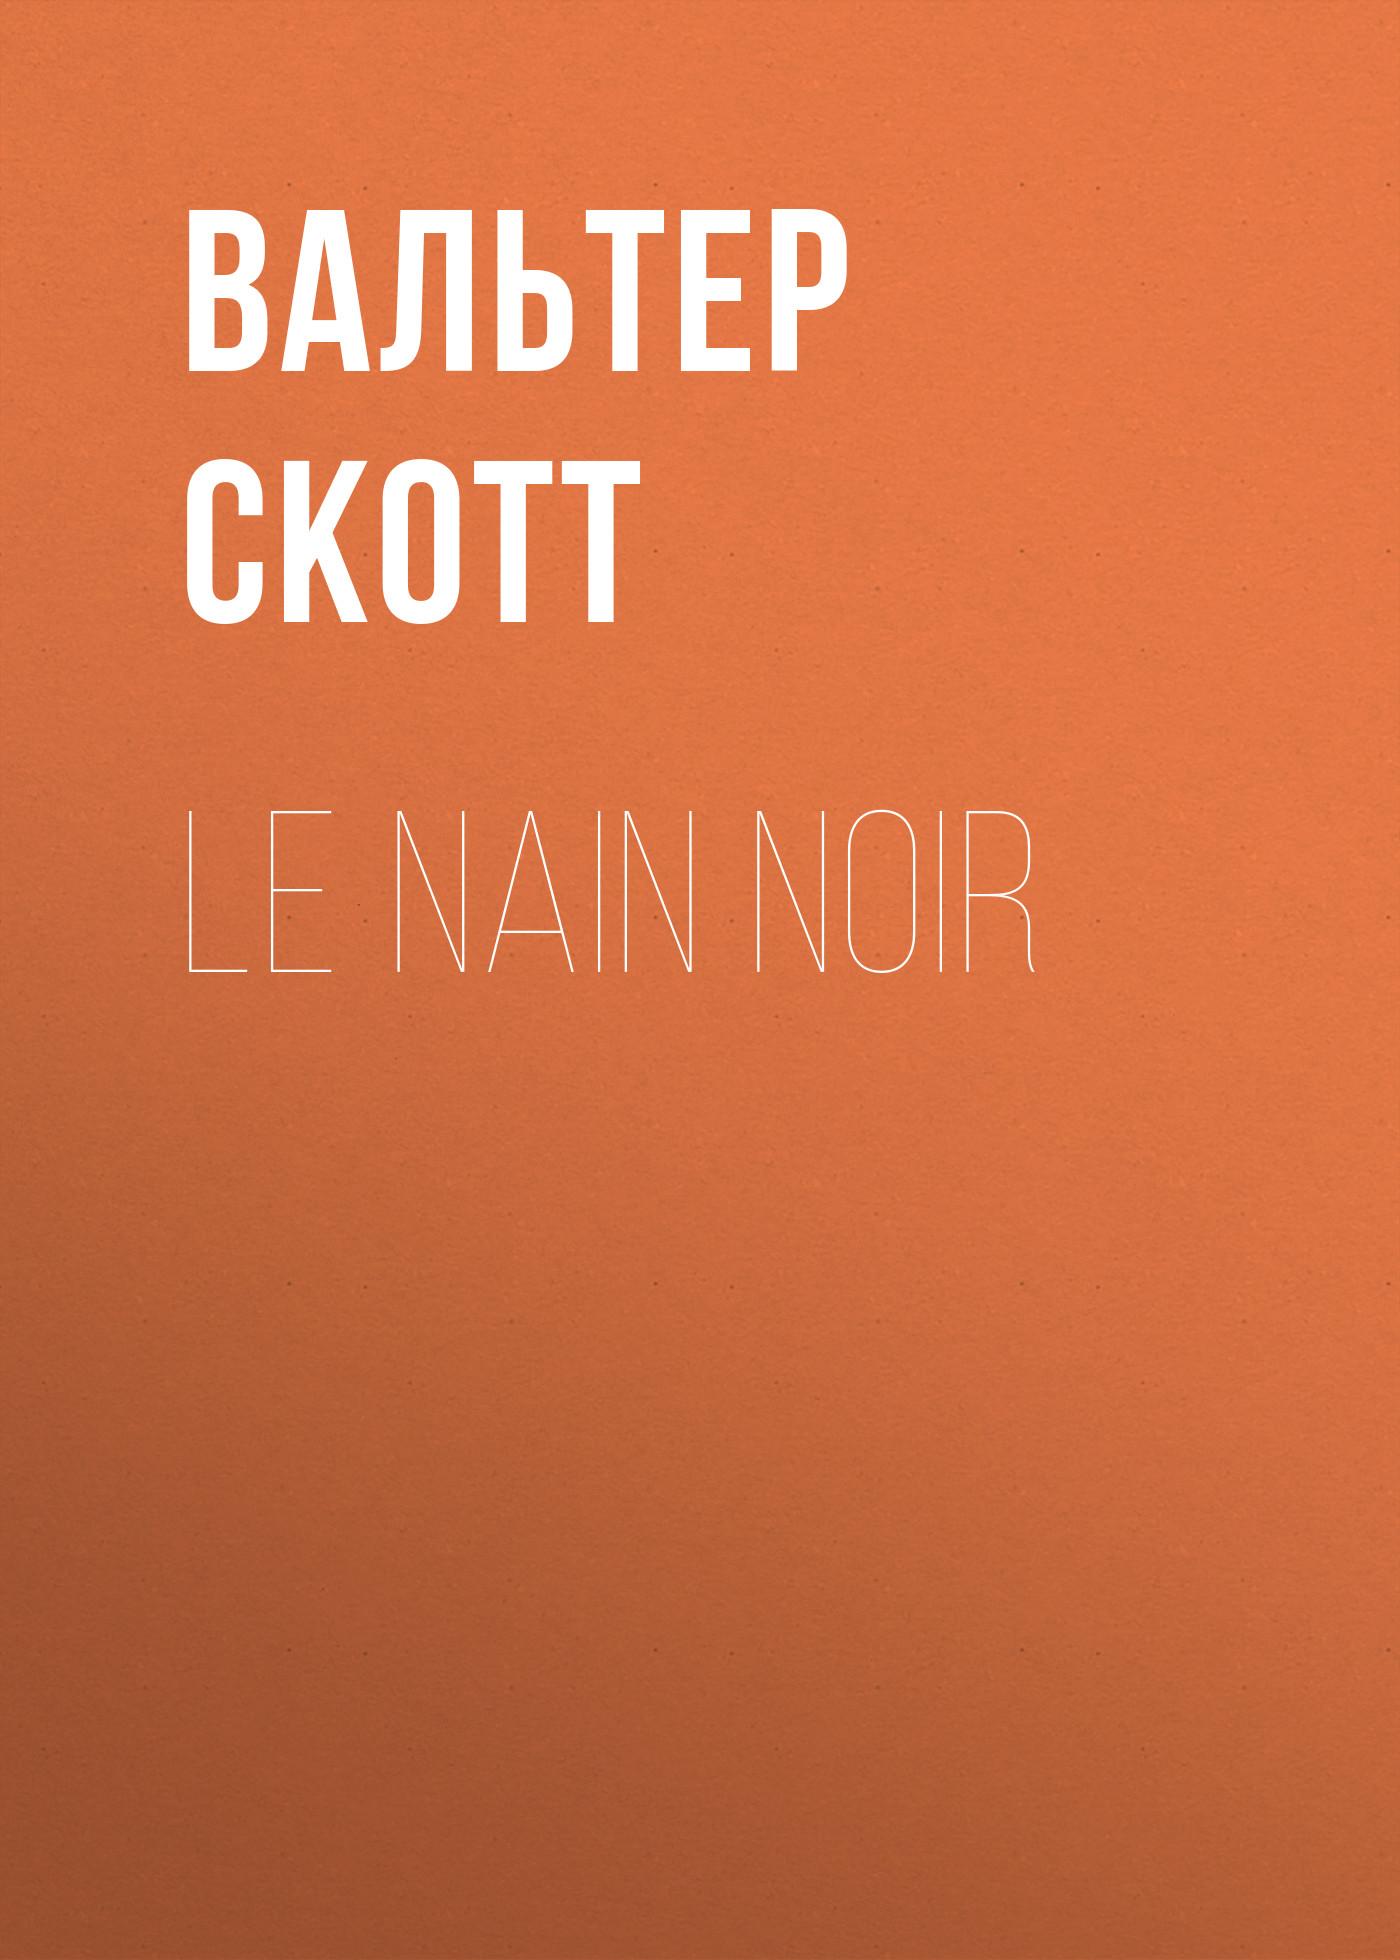 Вальтер Скотт Le nain noir все цены